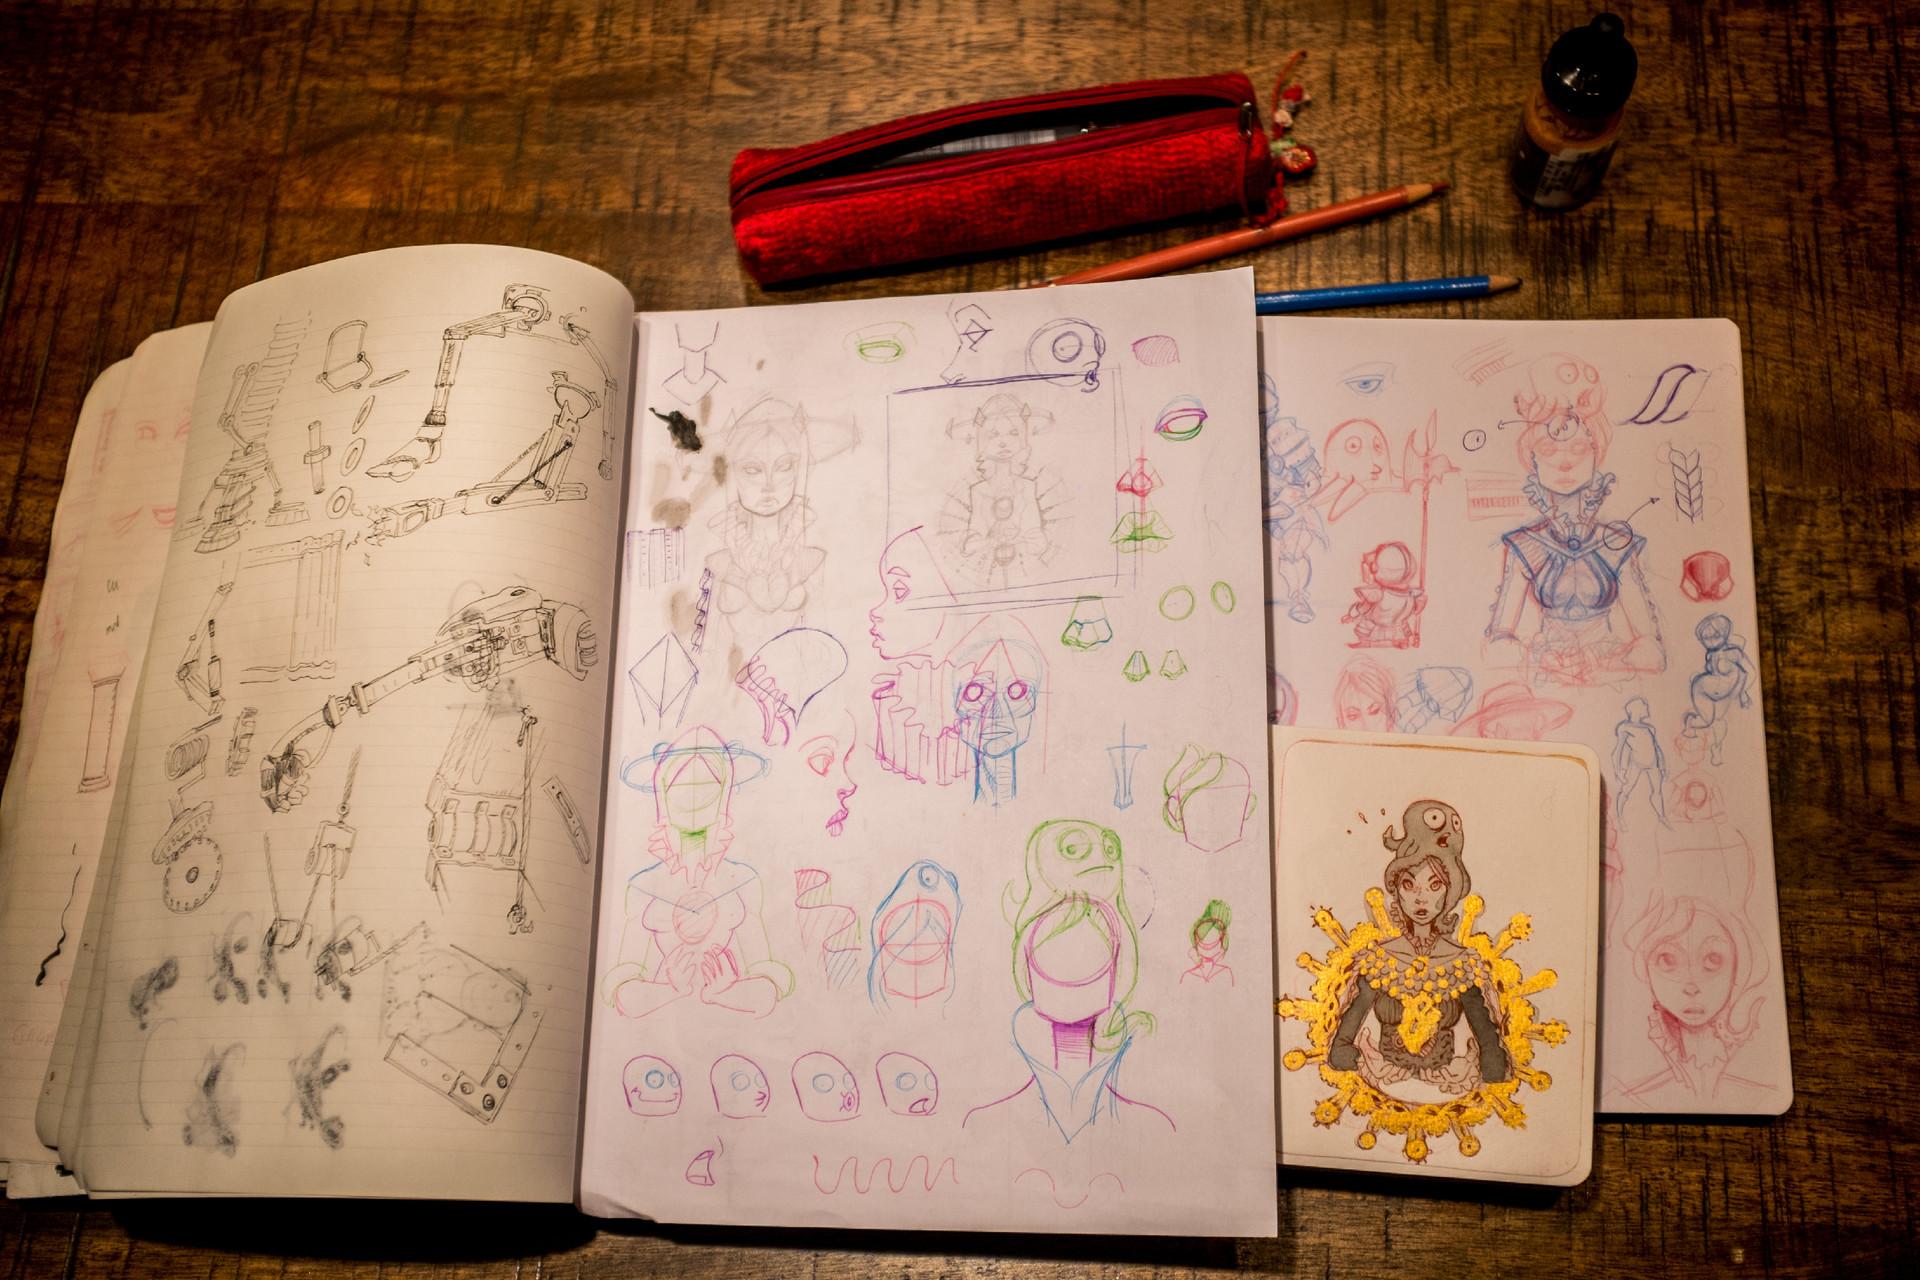 Vincent derozier vincent derozier drawings 22